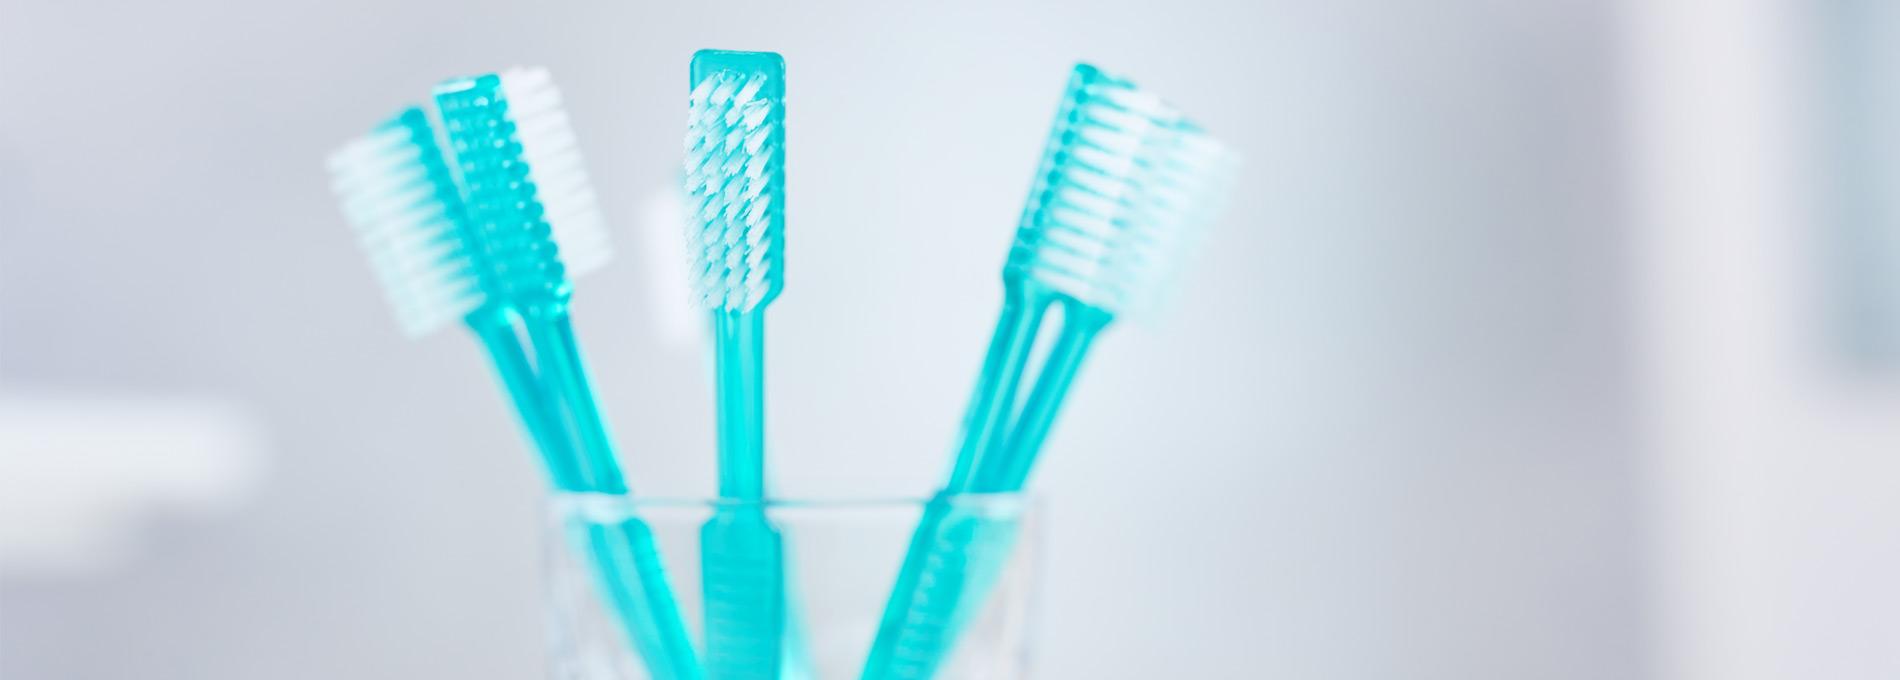 Zahnarztpraxis  Zahnrhein in Walluf - Ästhetische Zahnheilkunde 2